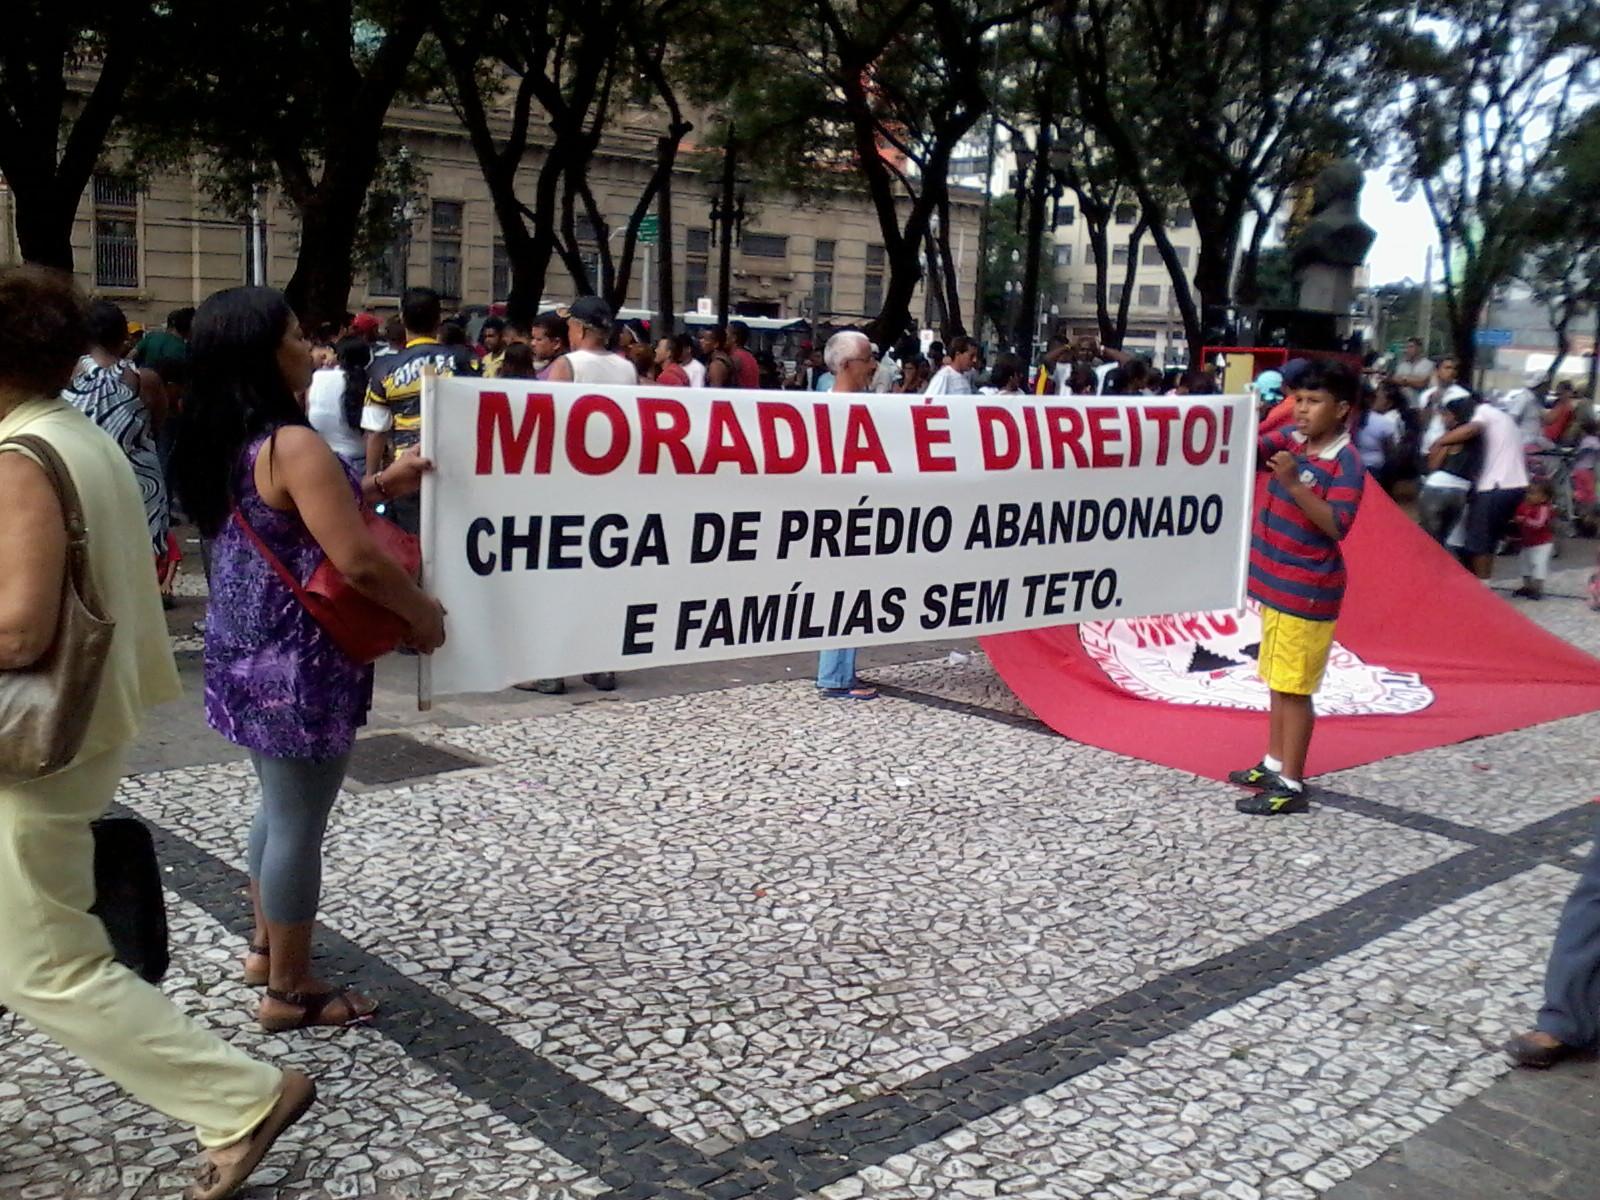 Prefeitura de São Paulo pretende desapropriar 41 edifícios no centro da cidade para convertê-los em habitação popular, Courtesy of midiaindependente